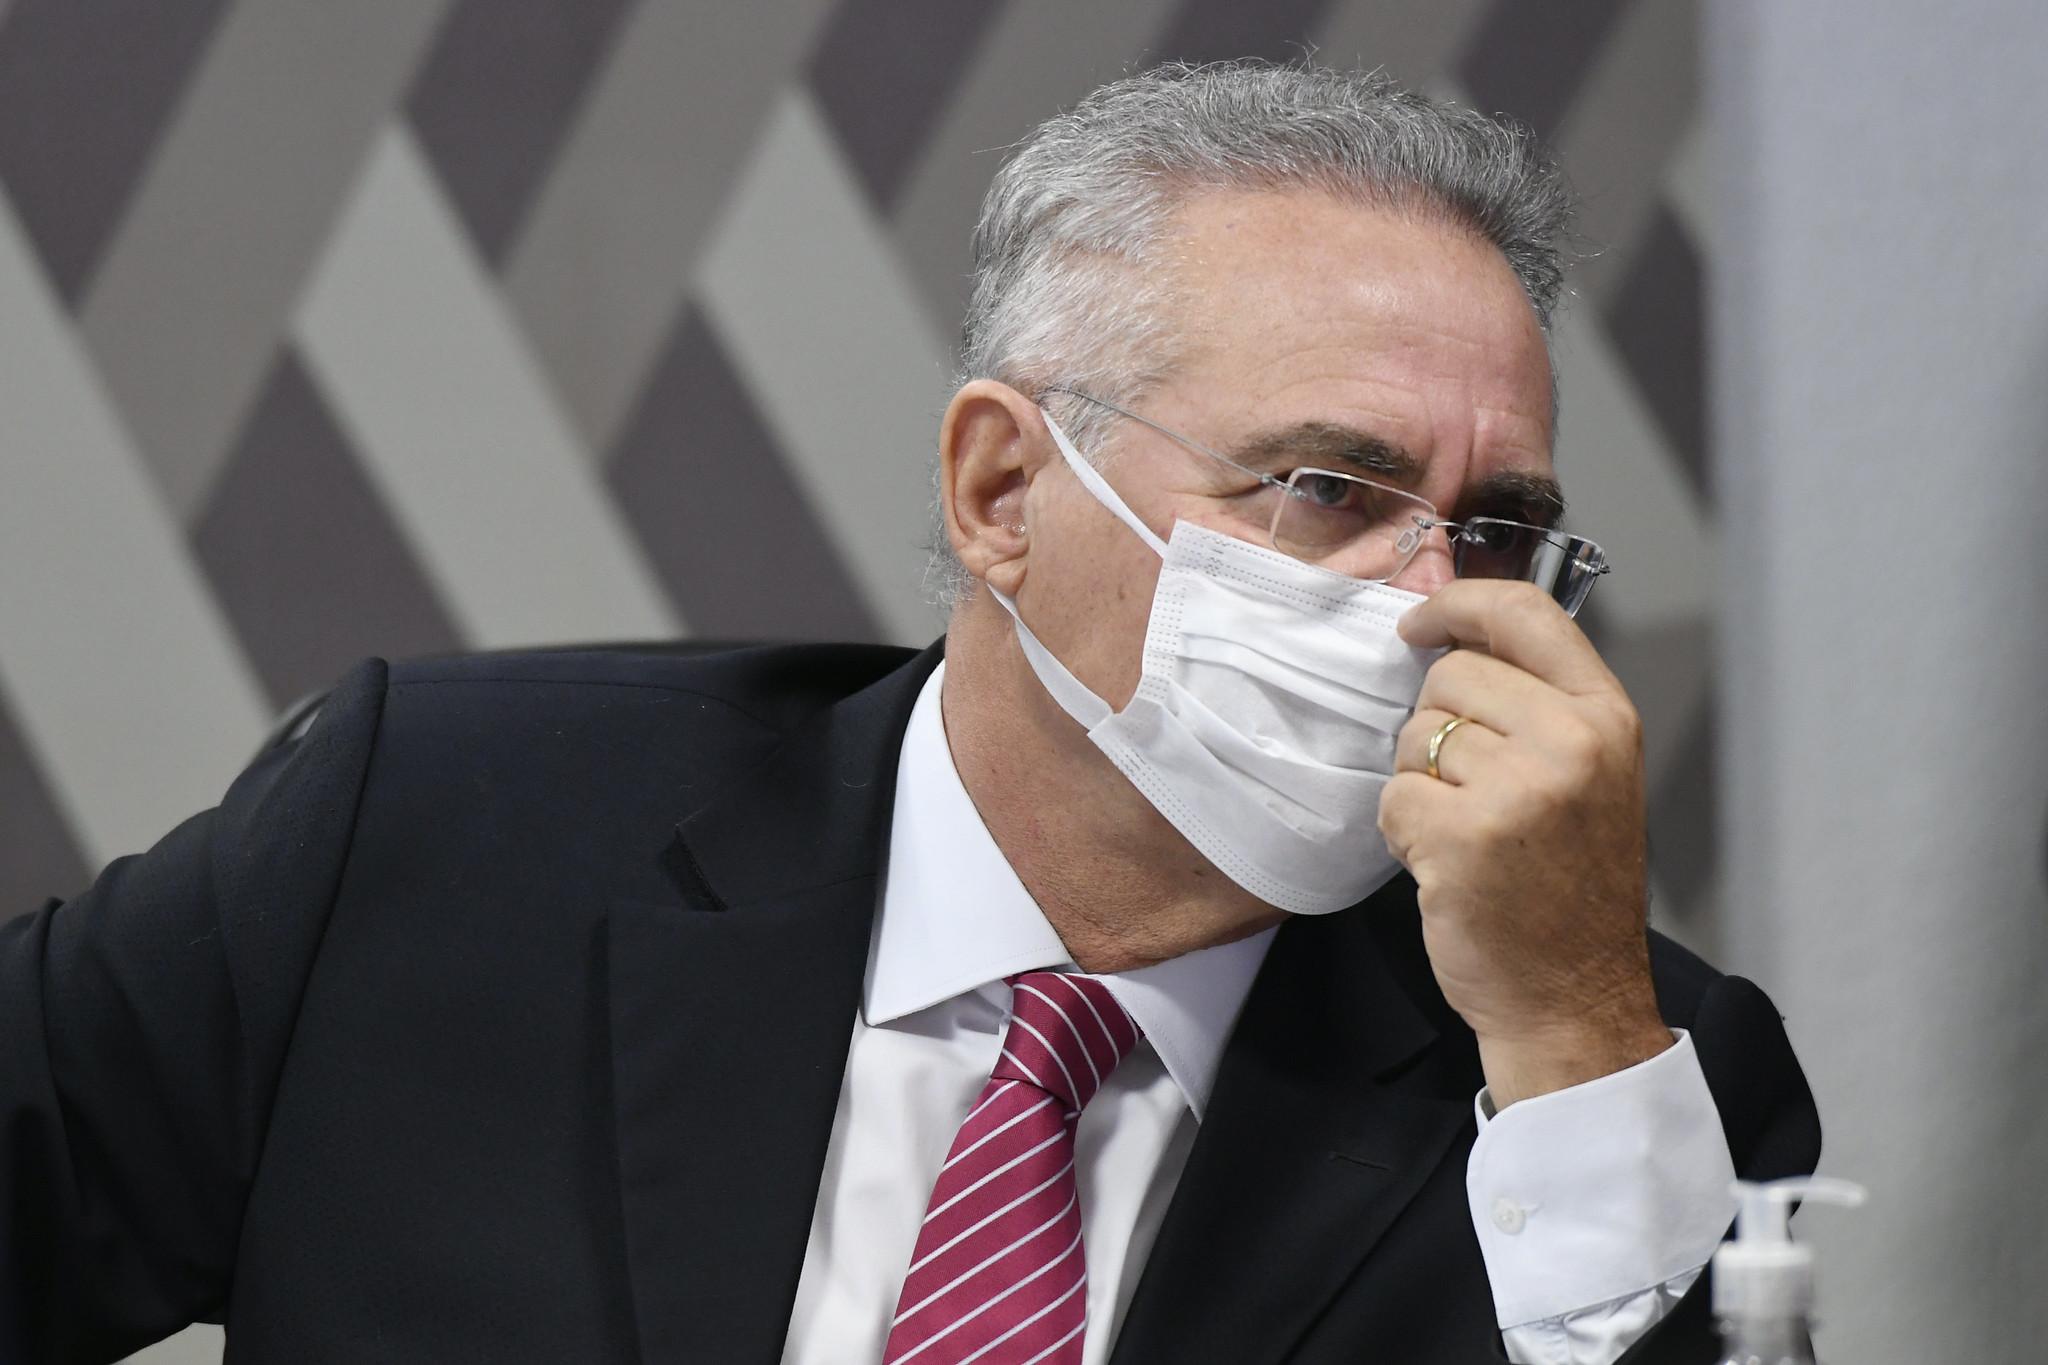 IMAGEM: Renan quer acesso em tempo real a sindicância sobre 'aloprado de Bolsonaro'